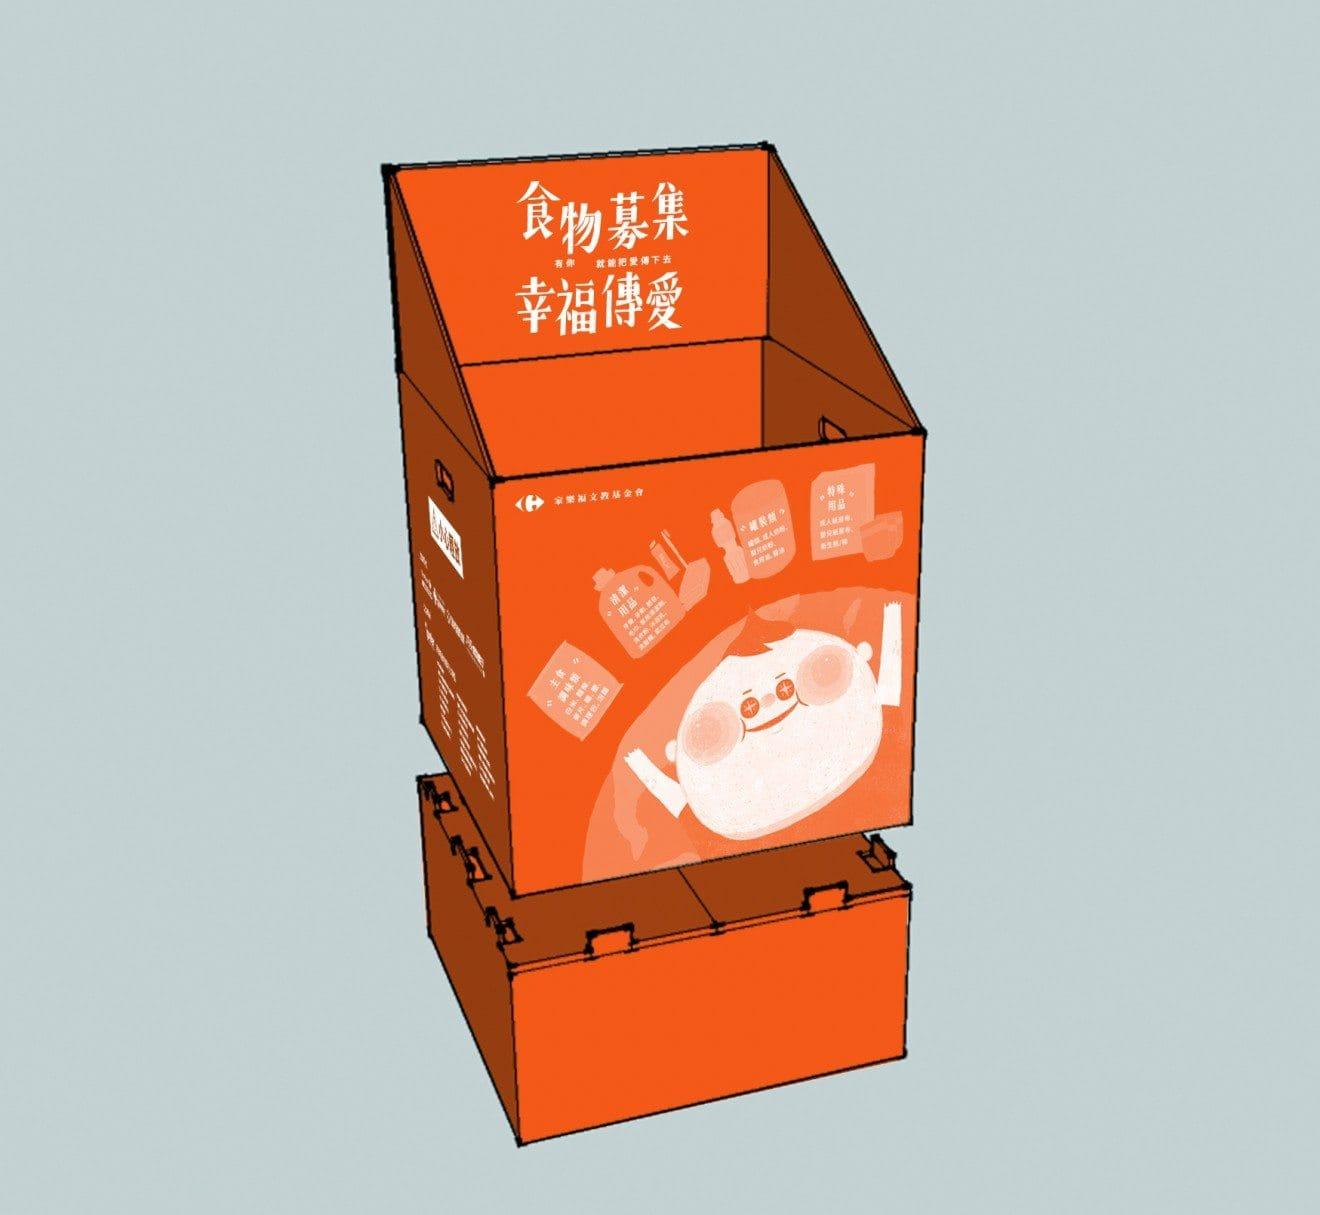 box_org01